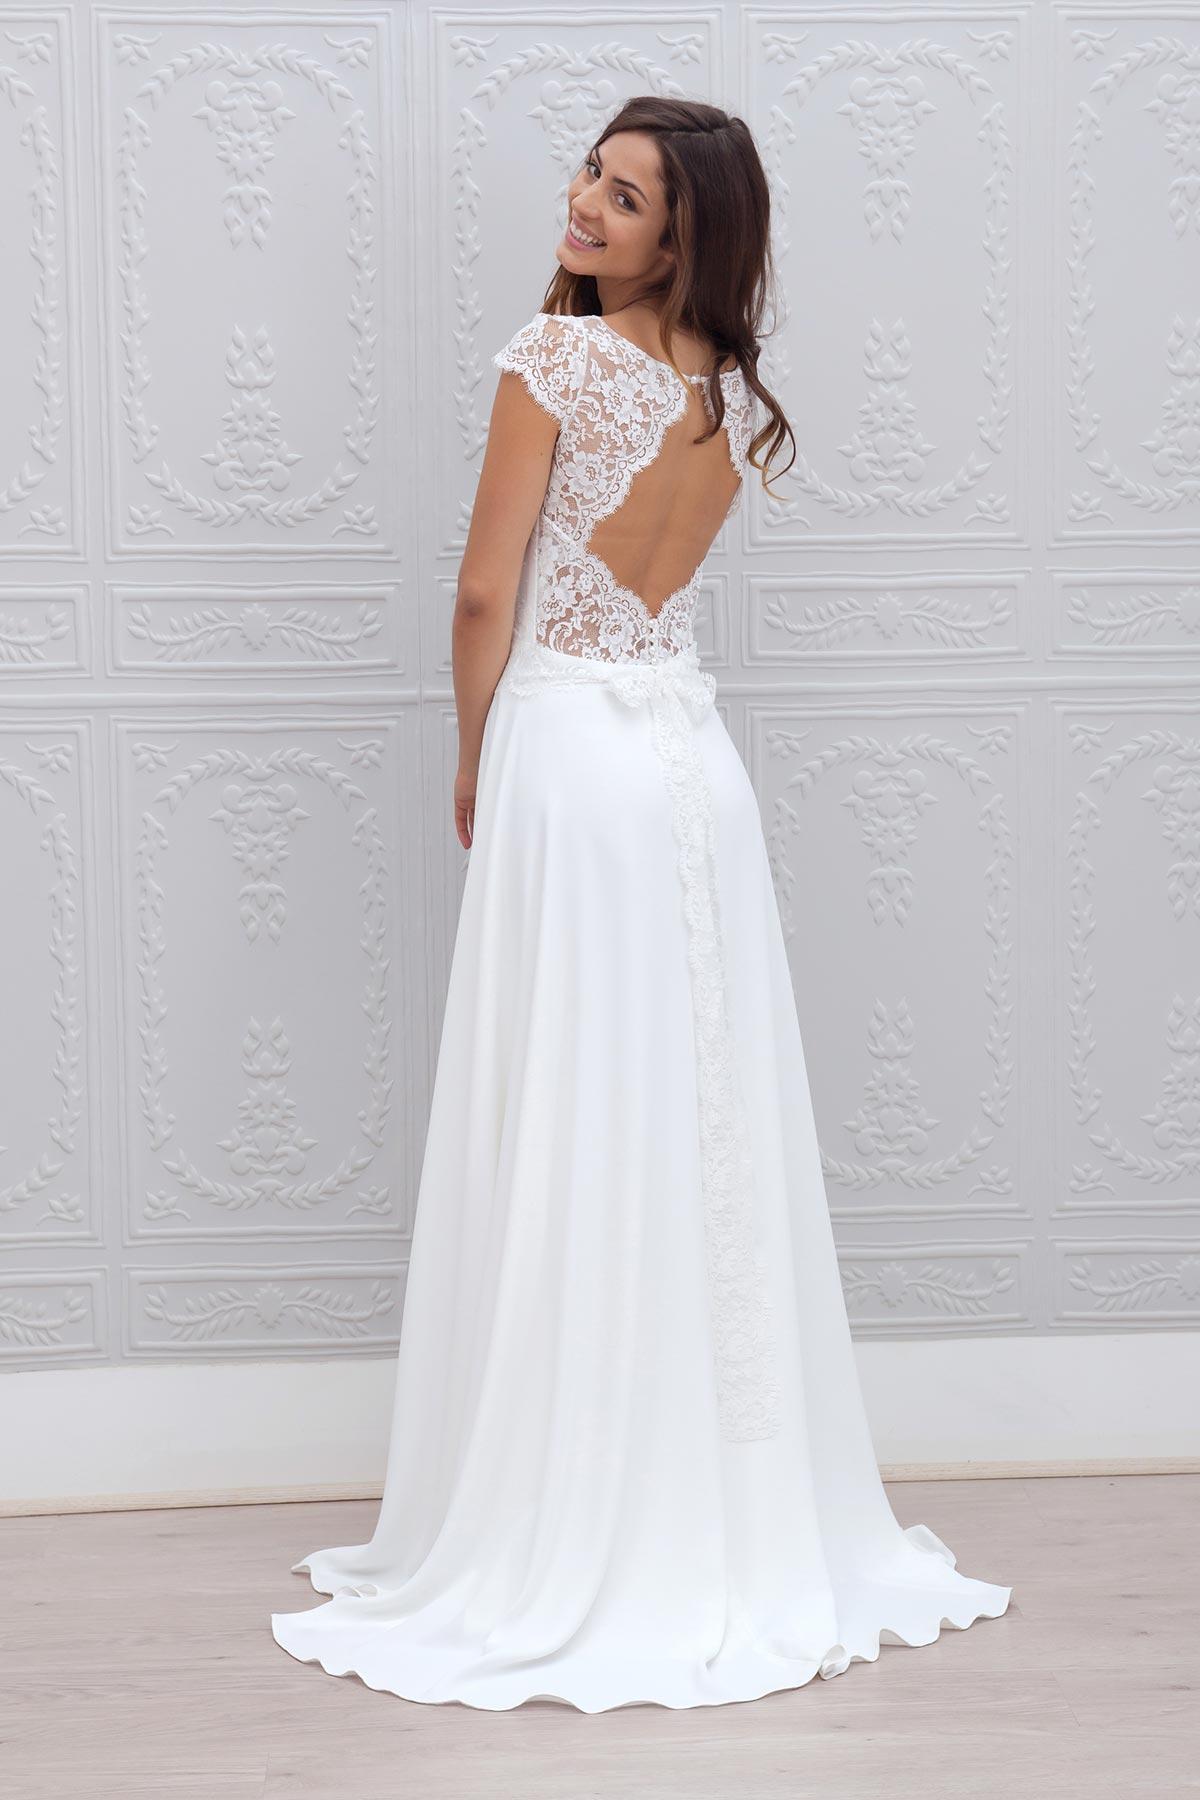 Lace over Chiffon Scoop Neckline Floor Length Wedding Dress Open ...